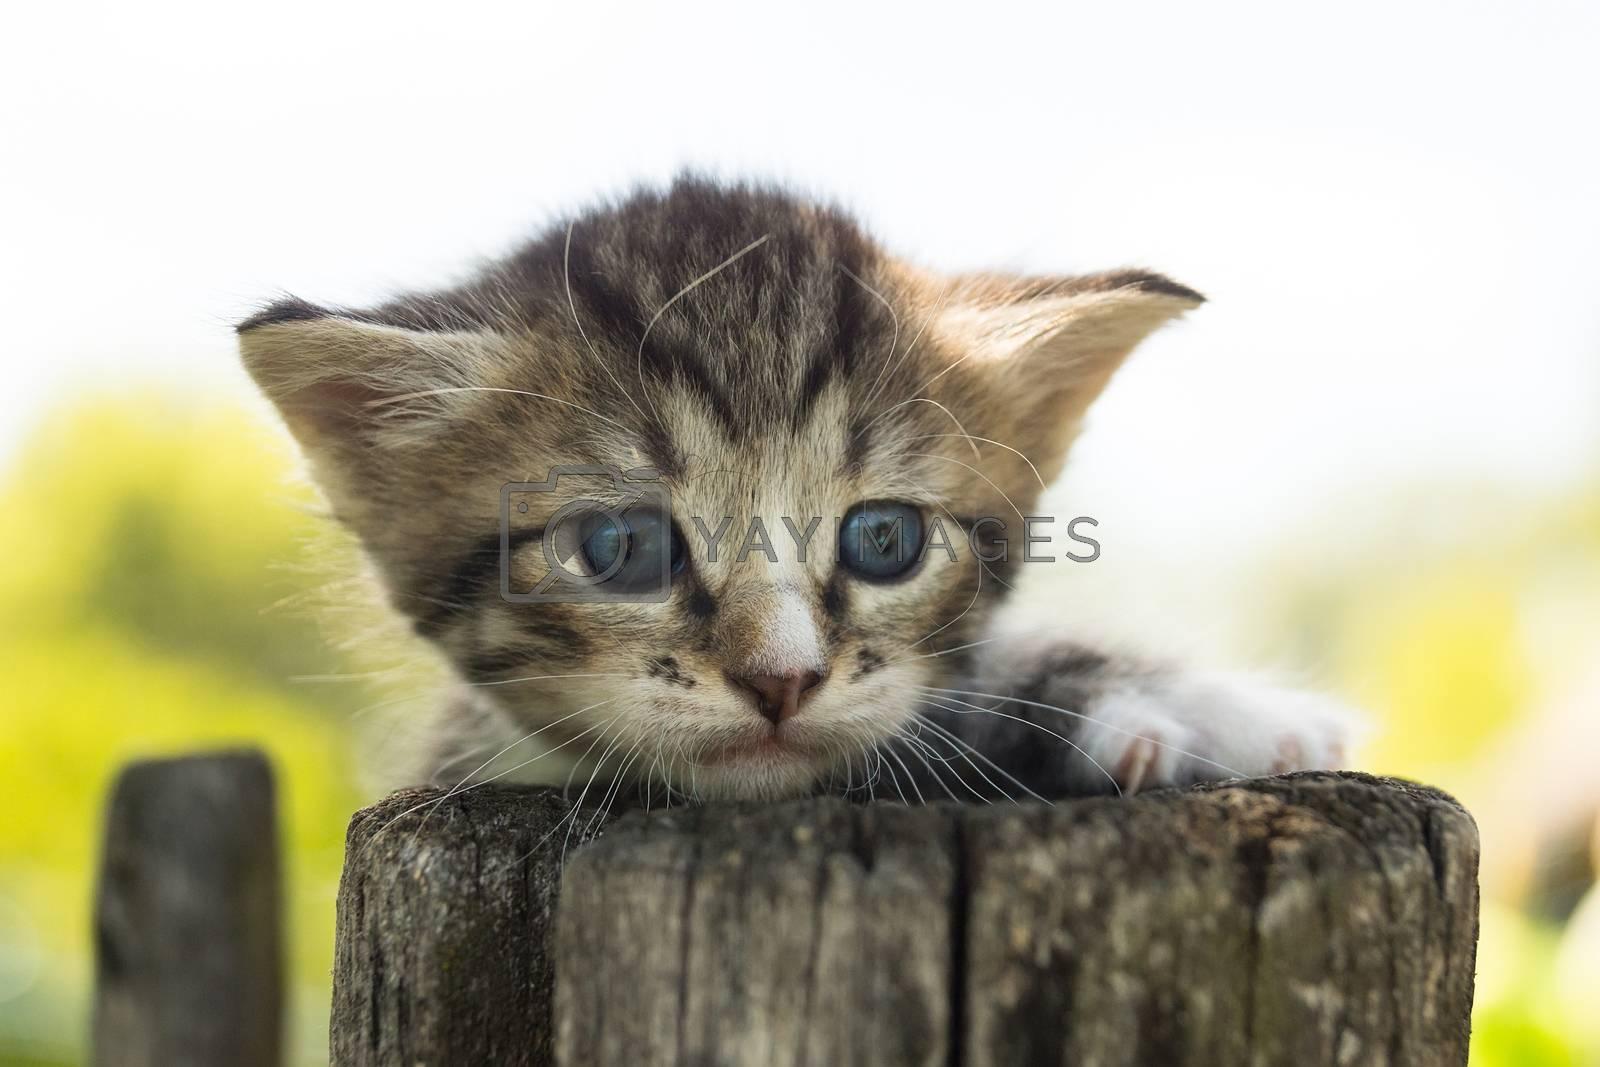 Portrait of a gray kitten on a fence